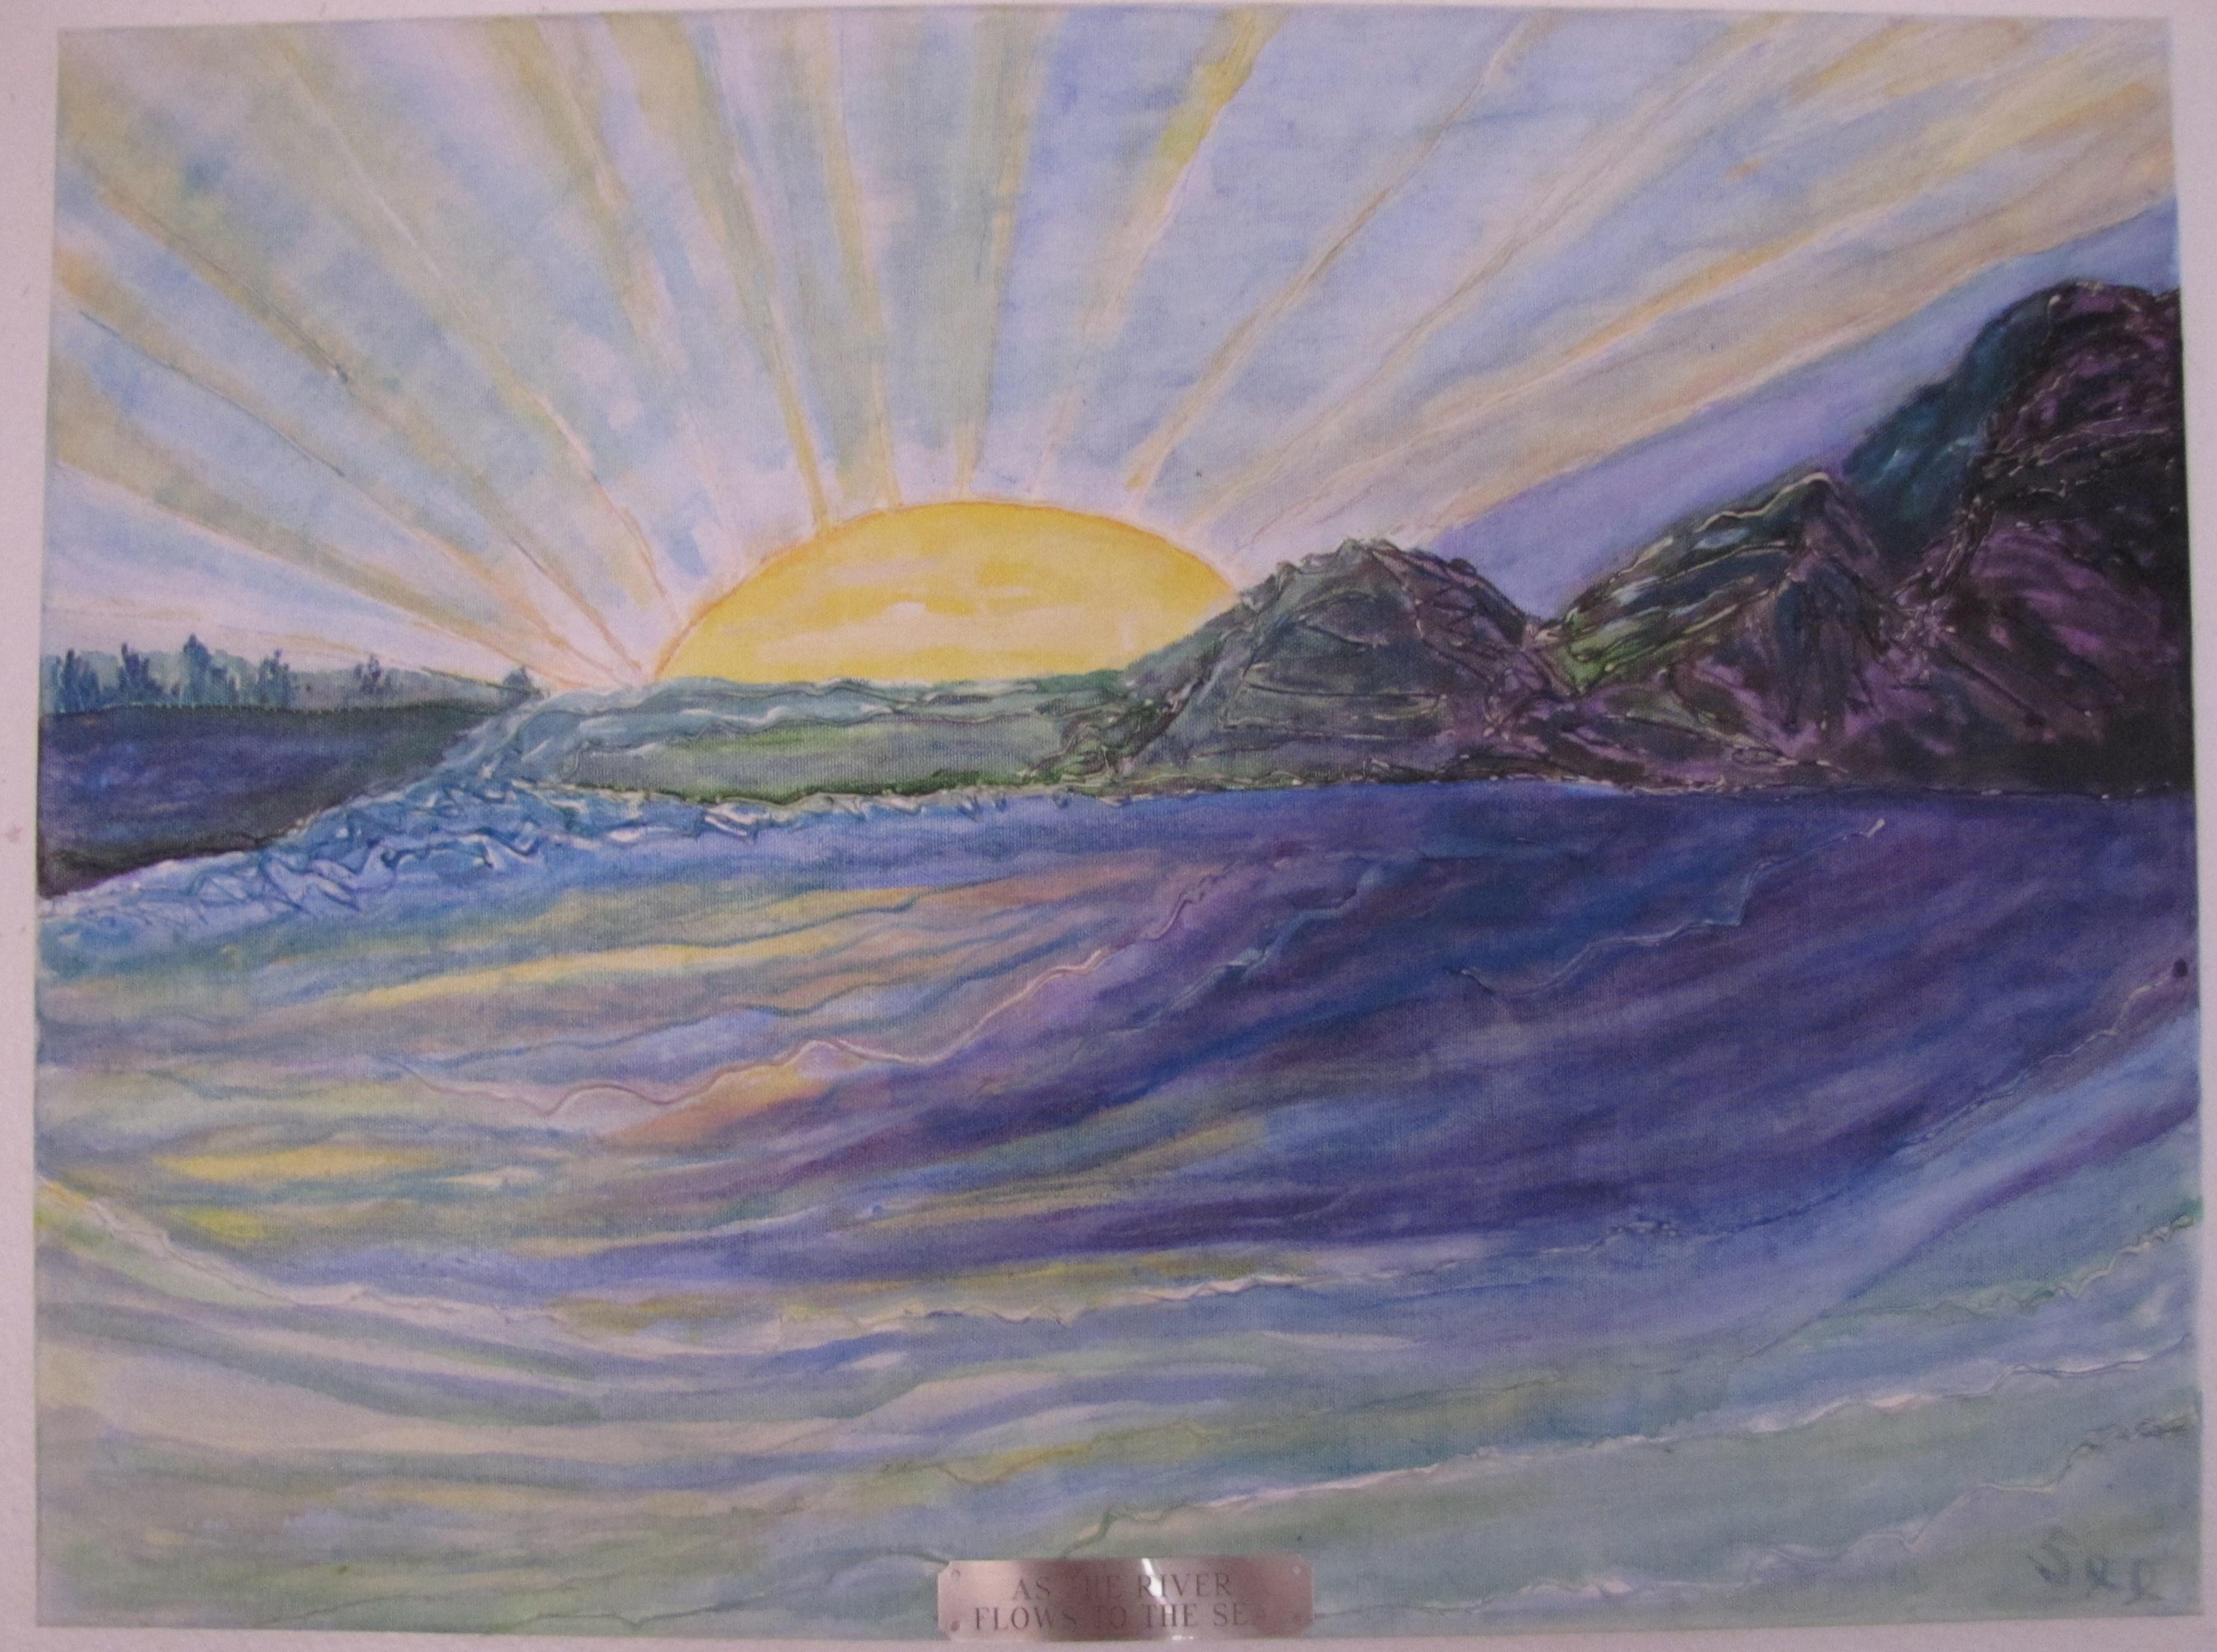 Sunrise and Sea - 18X24 - $175.00